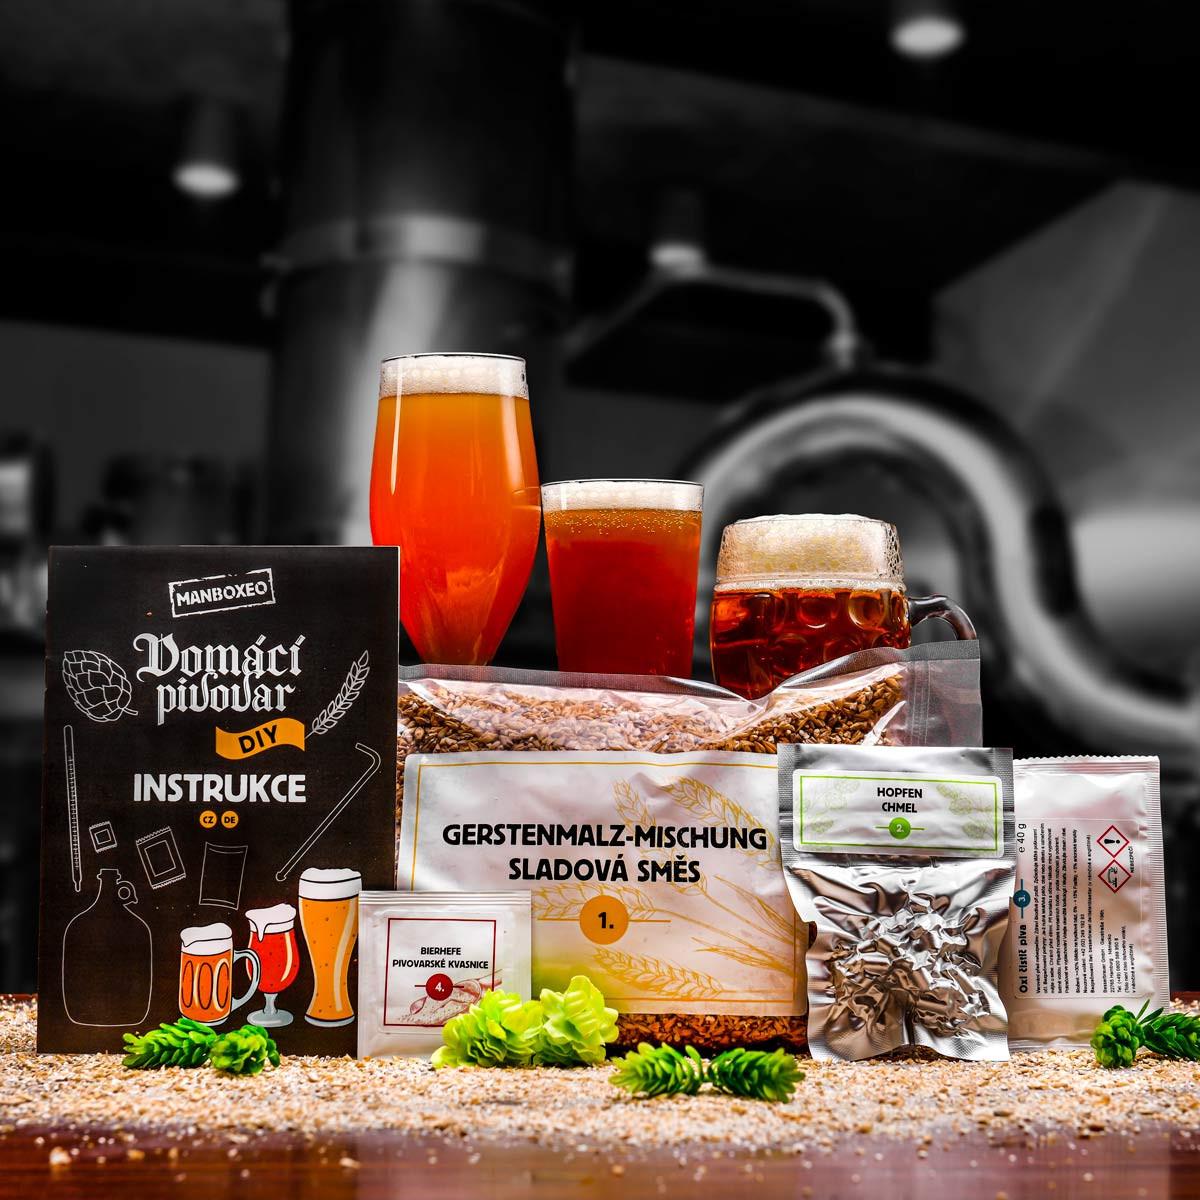 Sada ingrediencí pro domácí pivovar